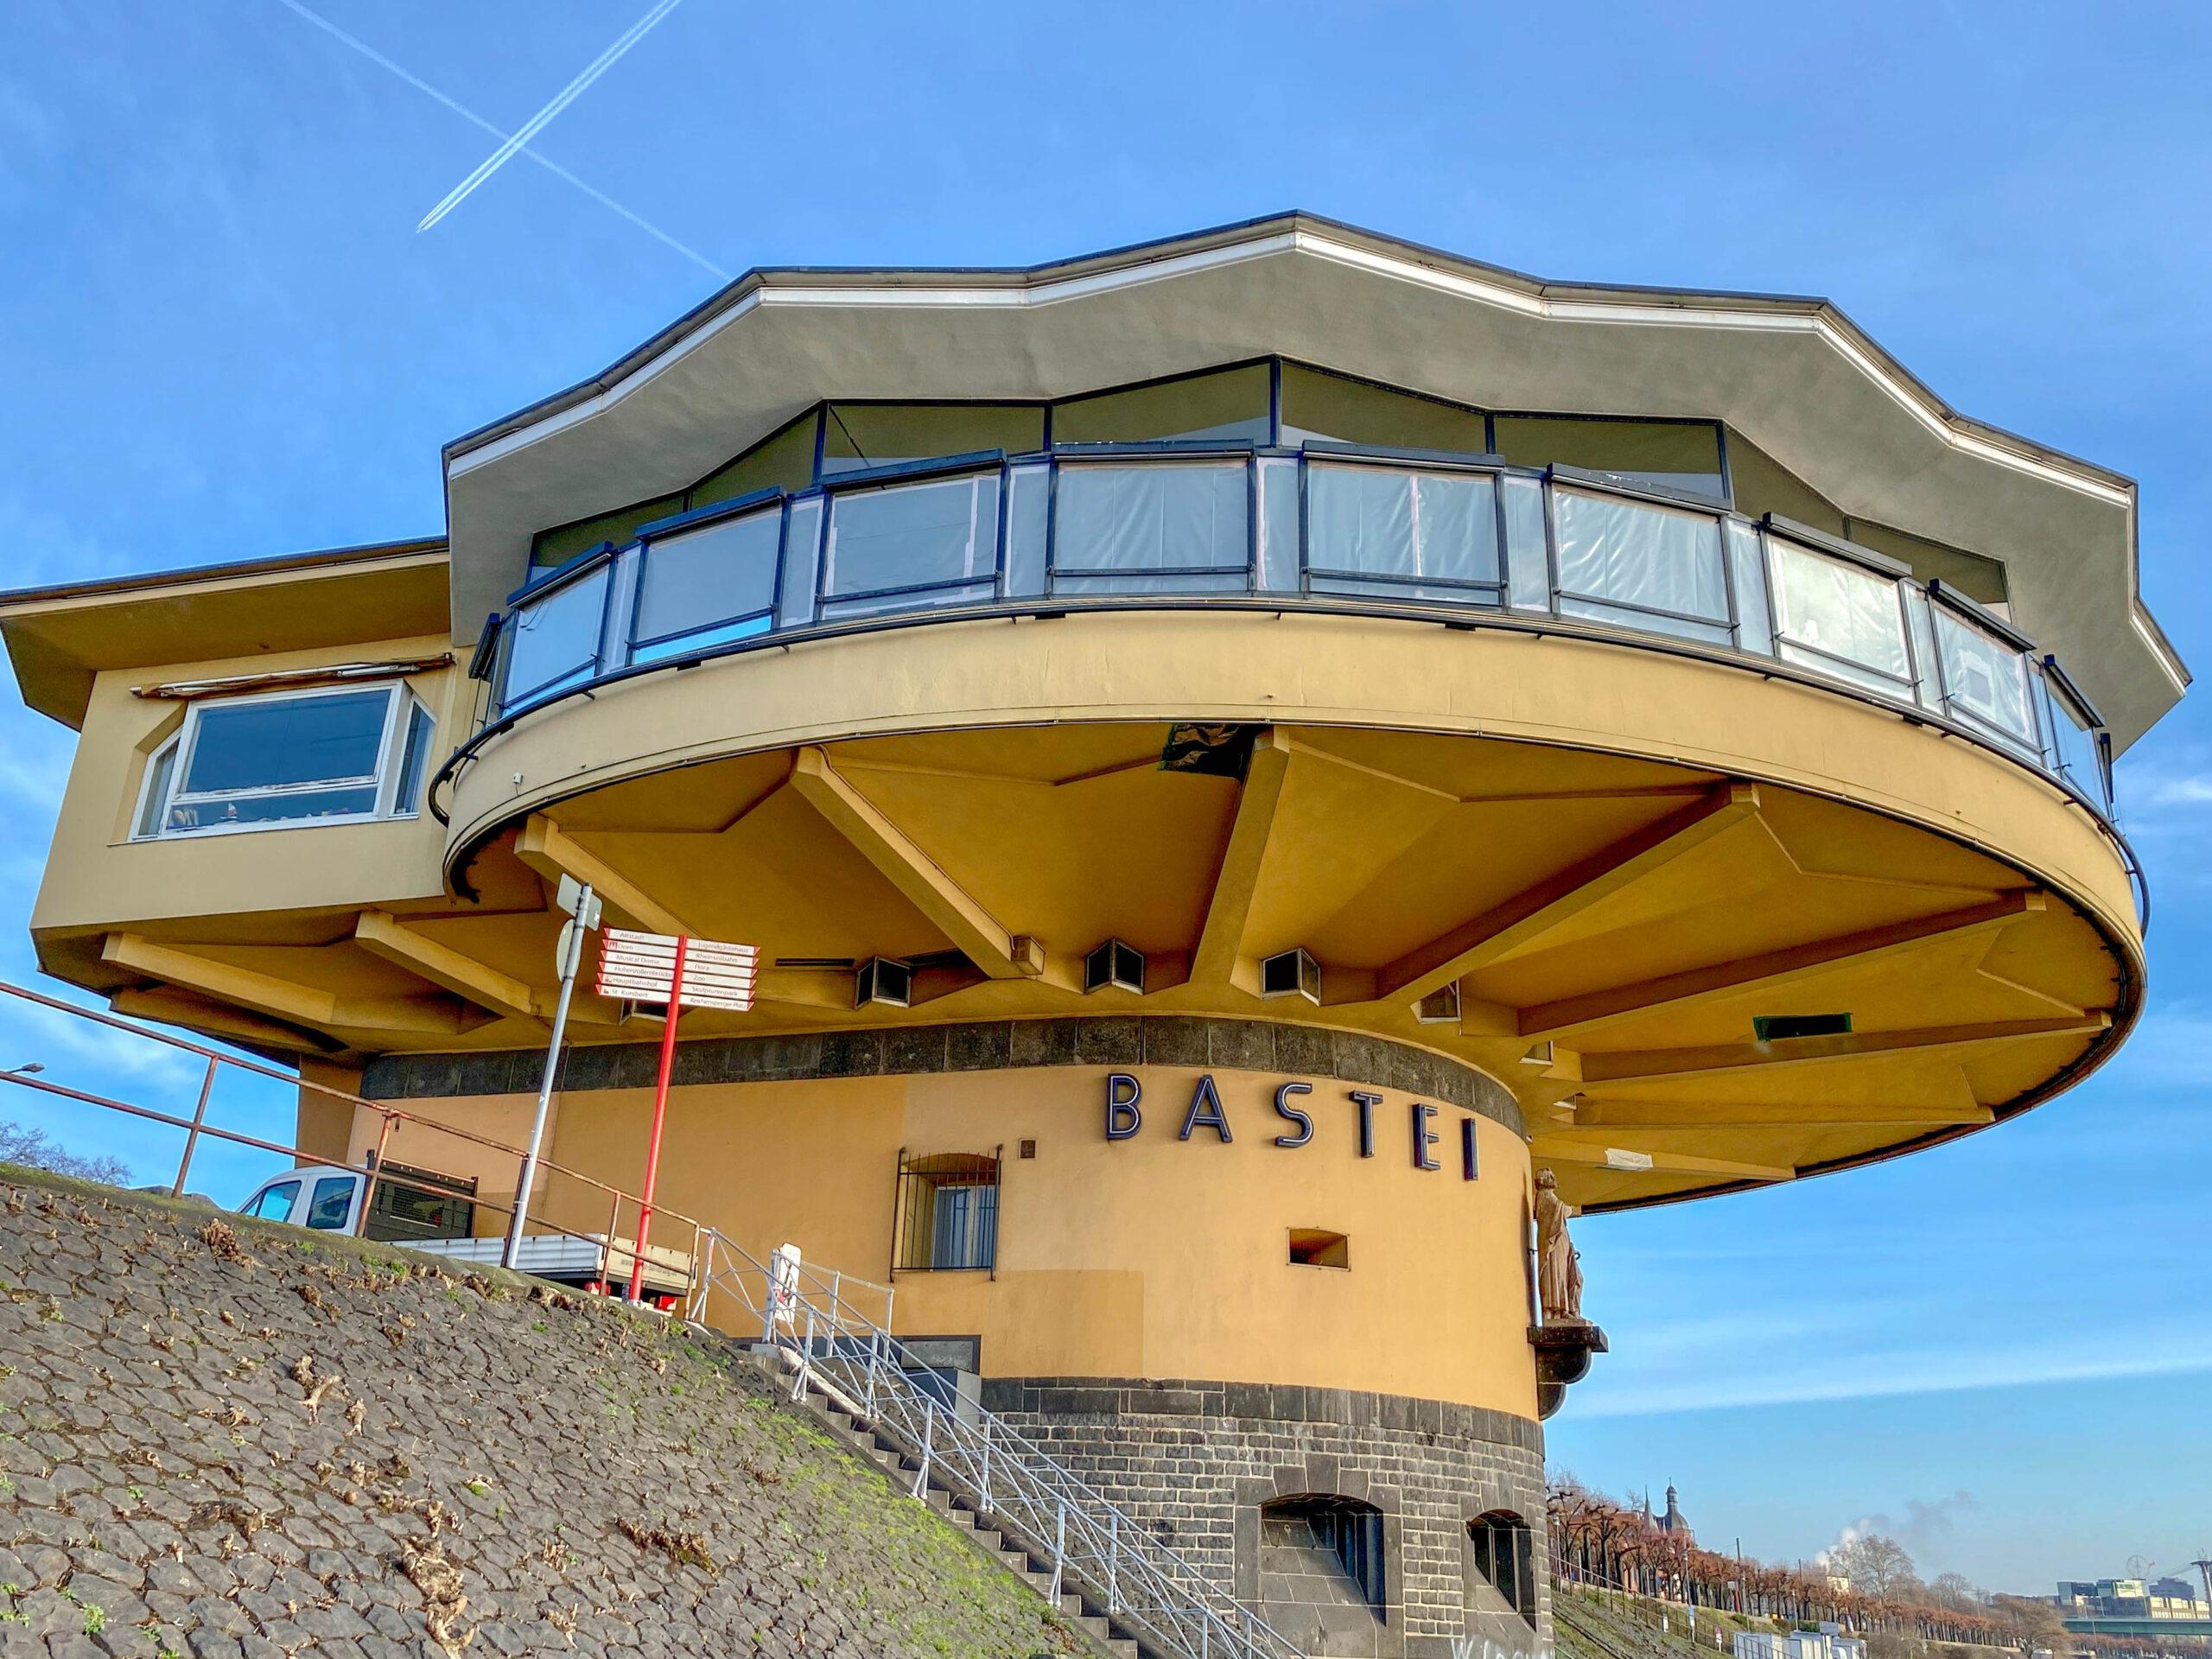 Bastei, 1923-1924. Architekt: Wilhelm Riphahn